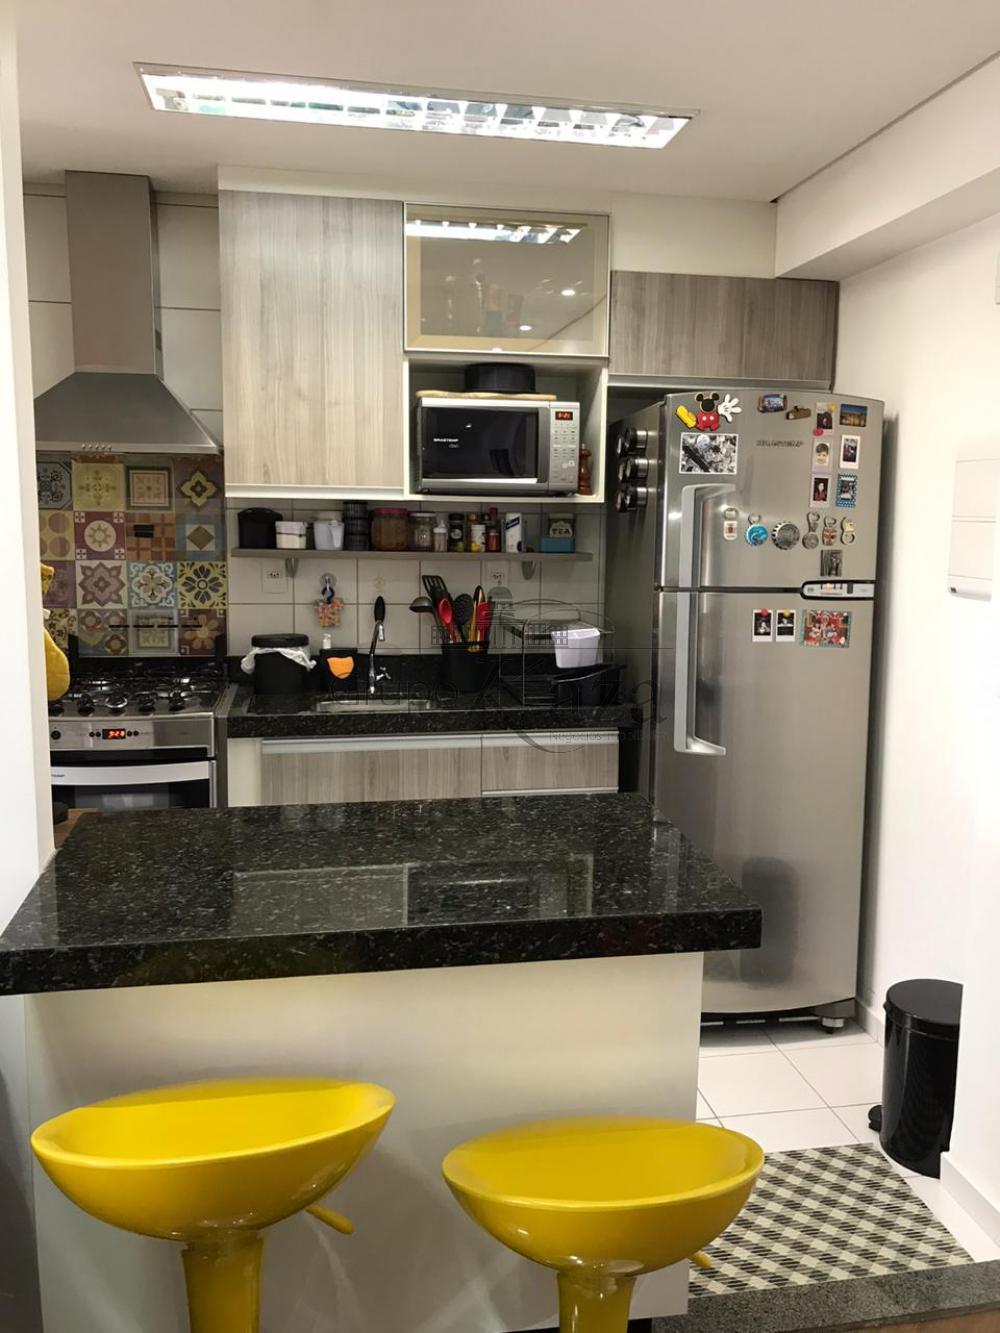 Comprar Apartamento / Padrão em São José dos Campos apenas R$ 450.000,00 - Foto 16